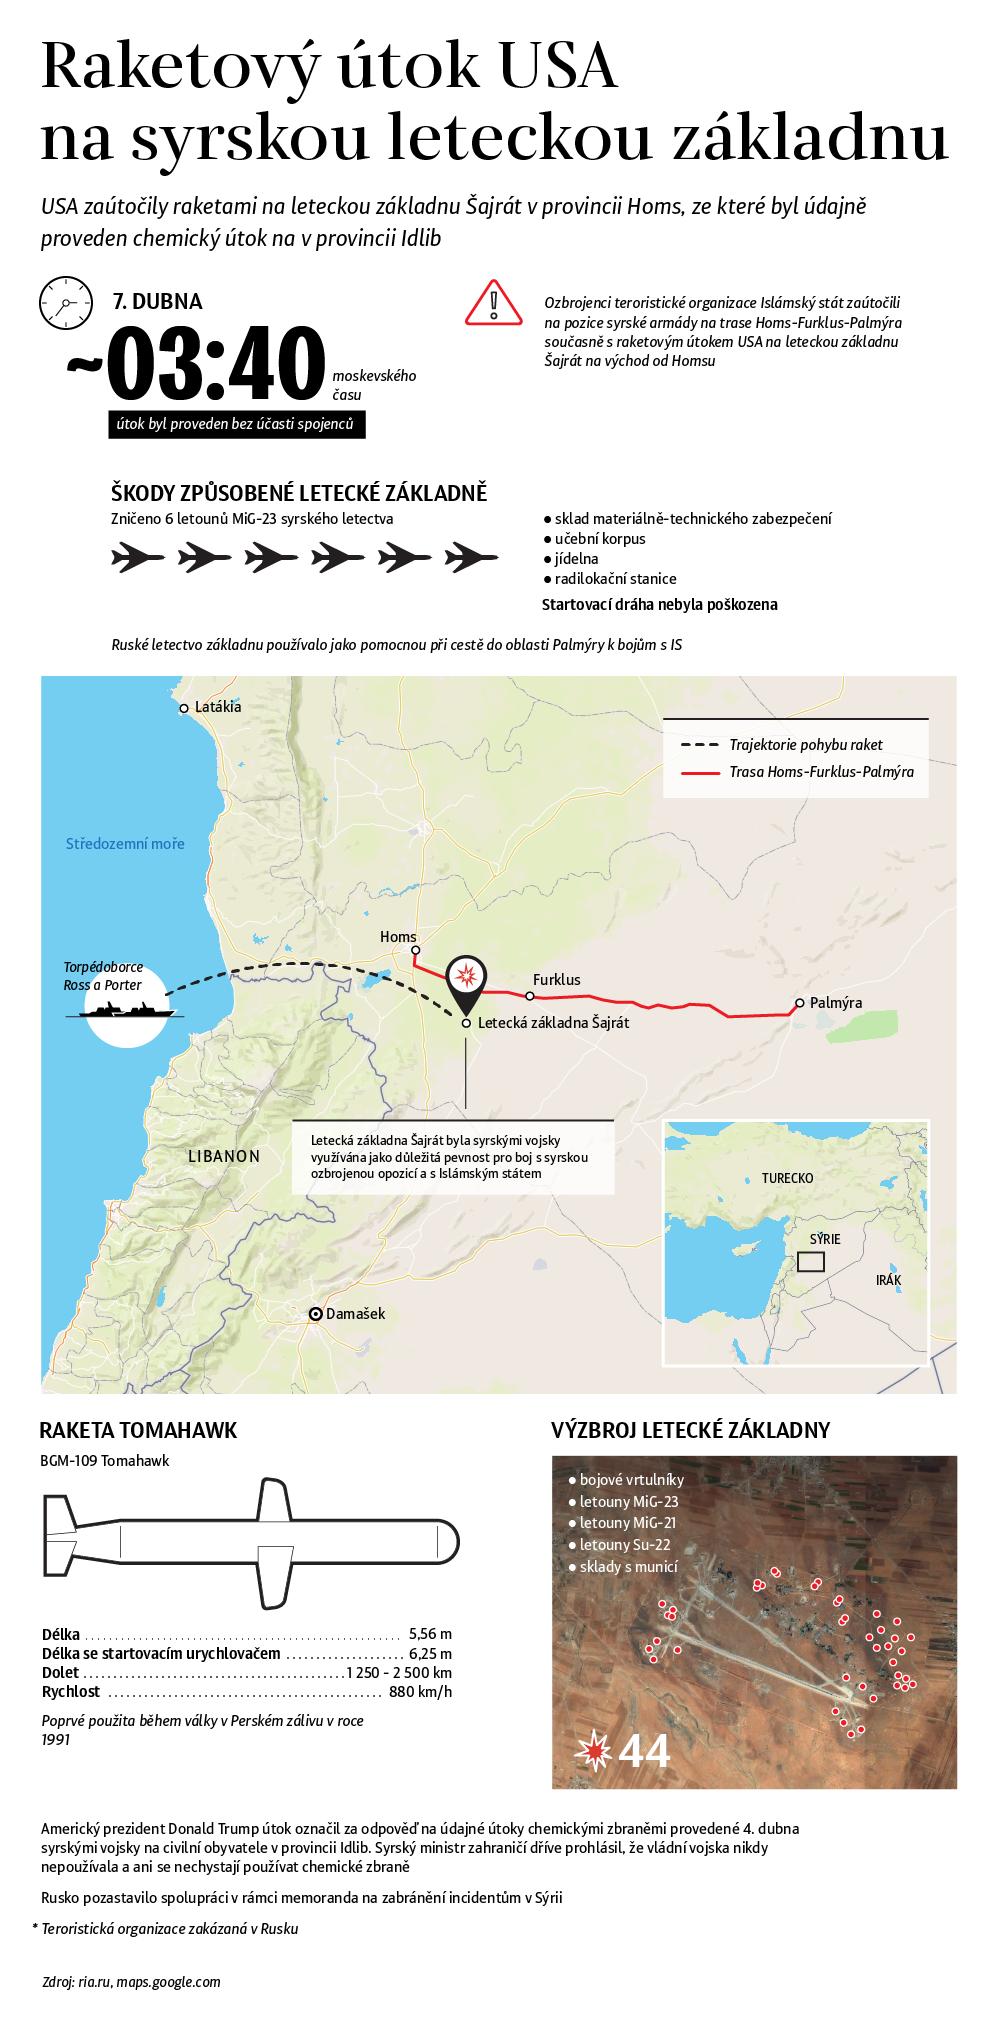 Raketový útok USA na syrskou leteckou základnu